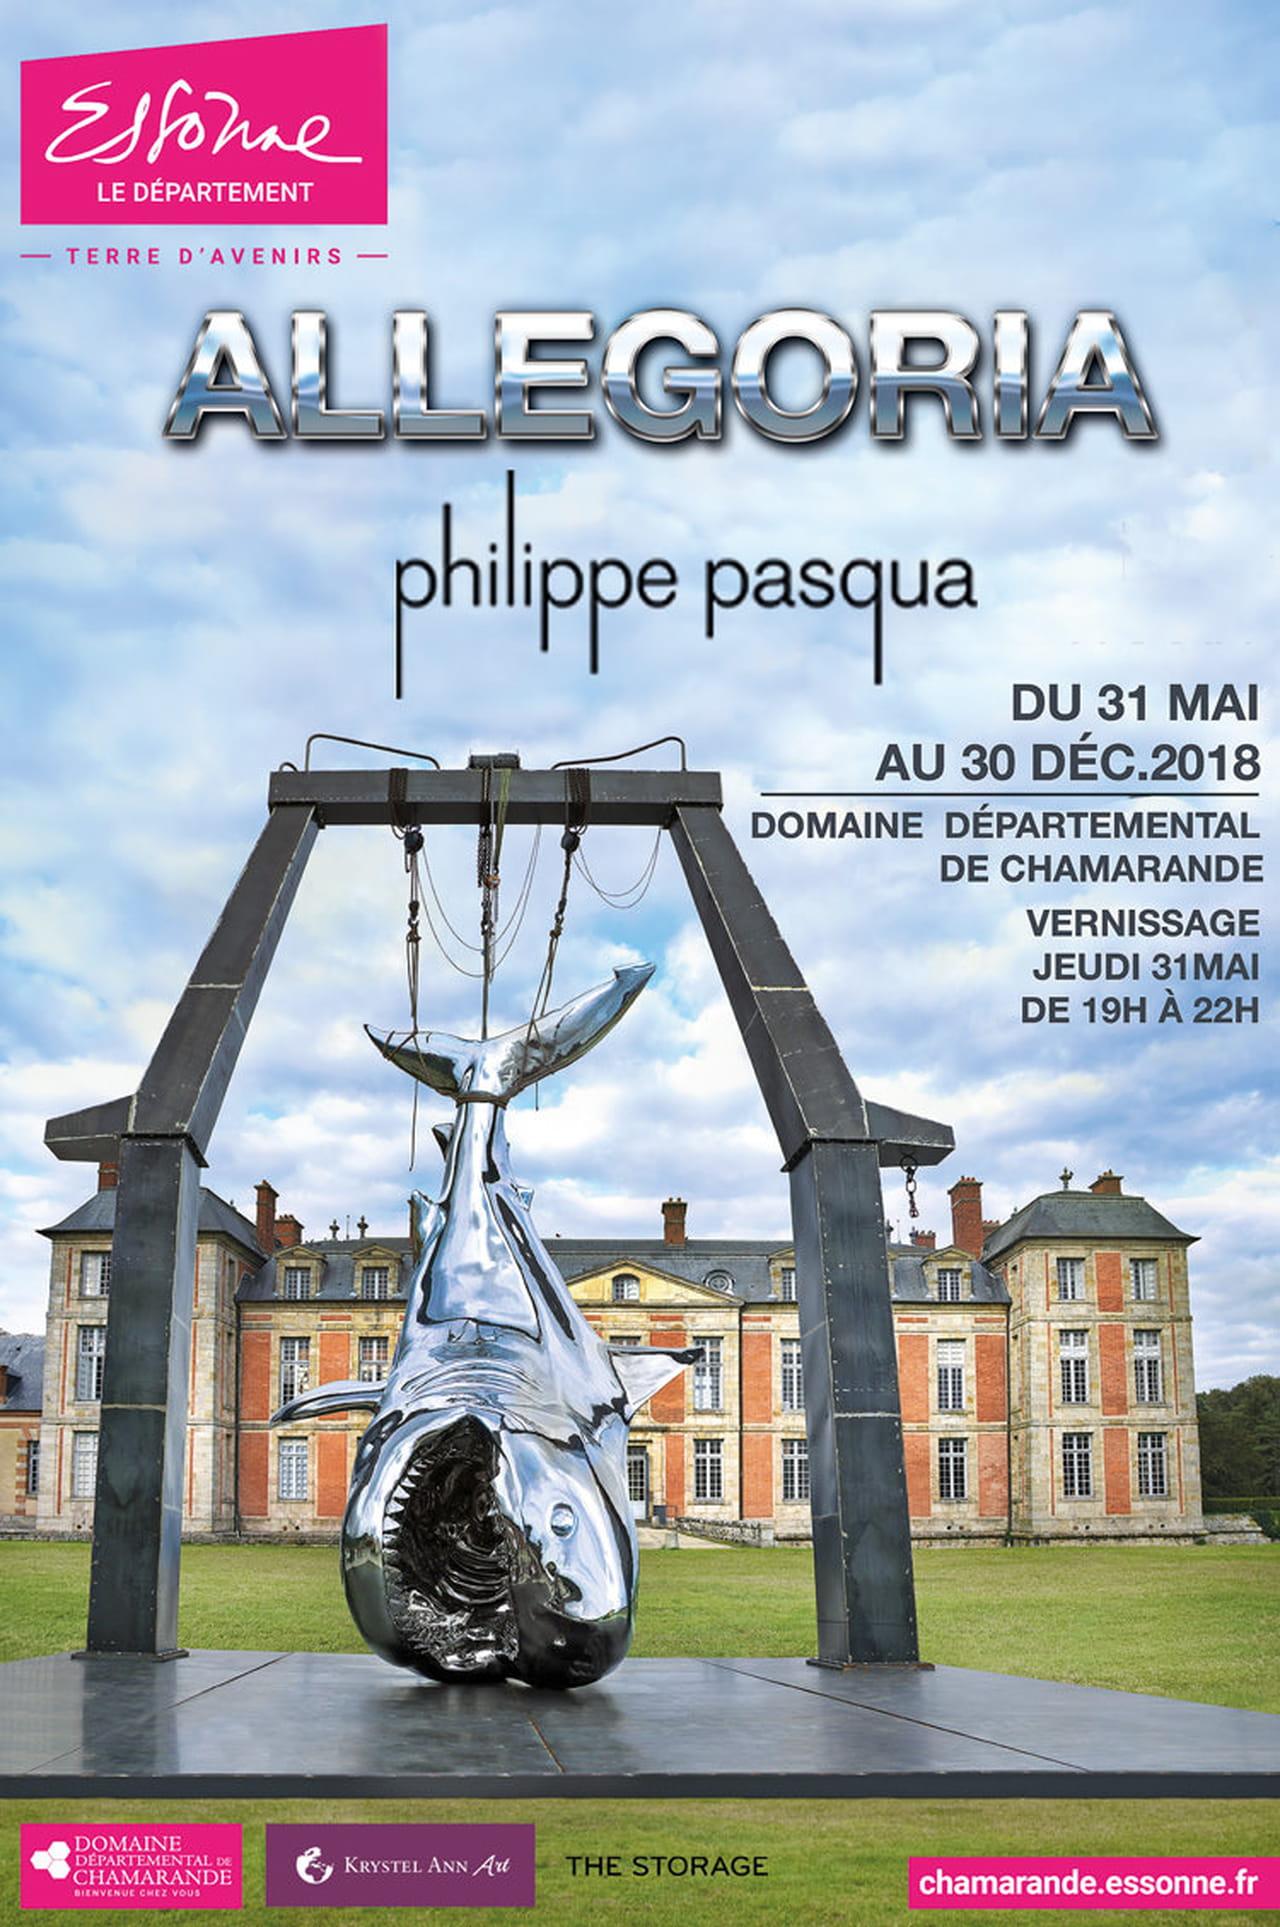 Extremement L'Allegoria de Philippe Pasqua est à voir au Domaine de Chamarande OI-41